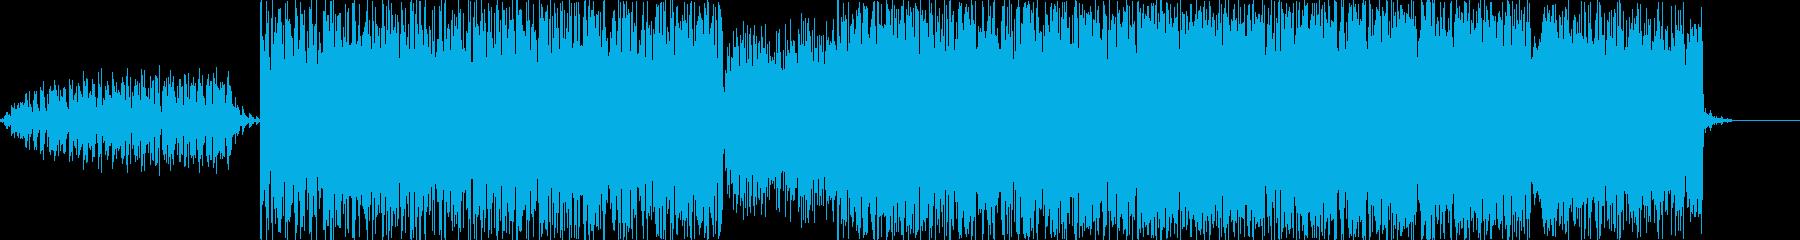 速く力強く混沌としていく感じになりまし…の再生済みの波形